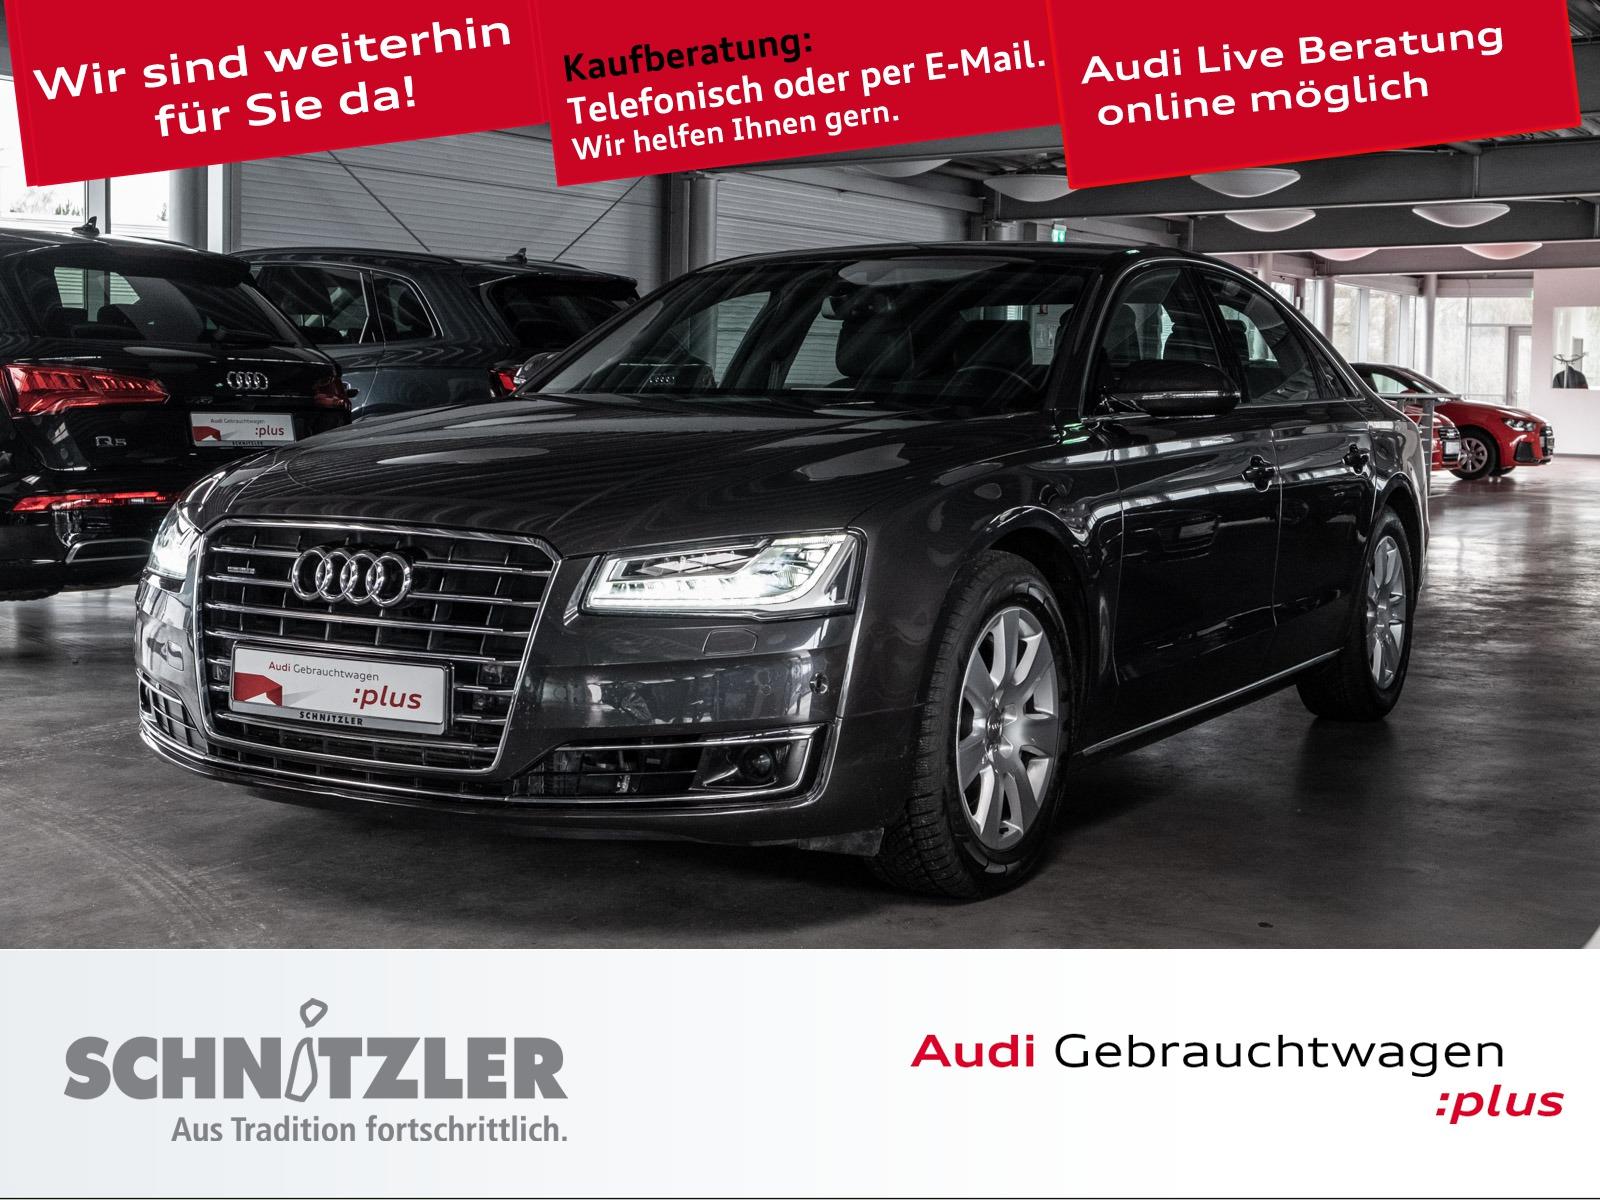 Audi A8 3.0 TDI clean Diesel quattro tiptronic SD/Nachtsichtas./BOSE/ACC/+++, Jahr 2014, Diesel